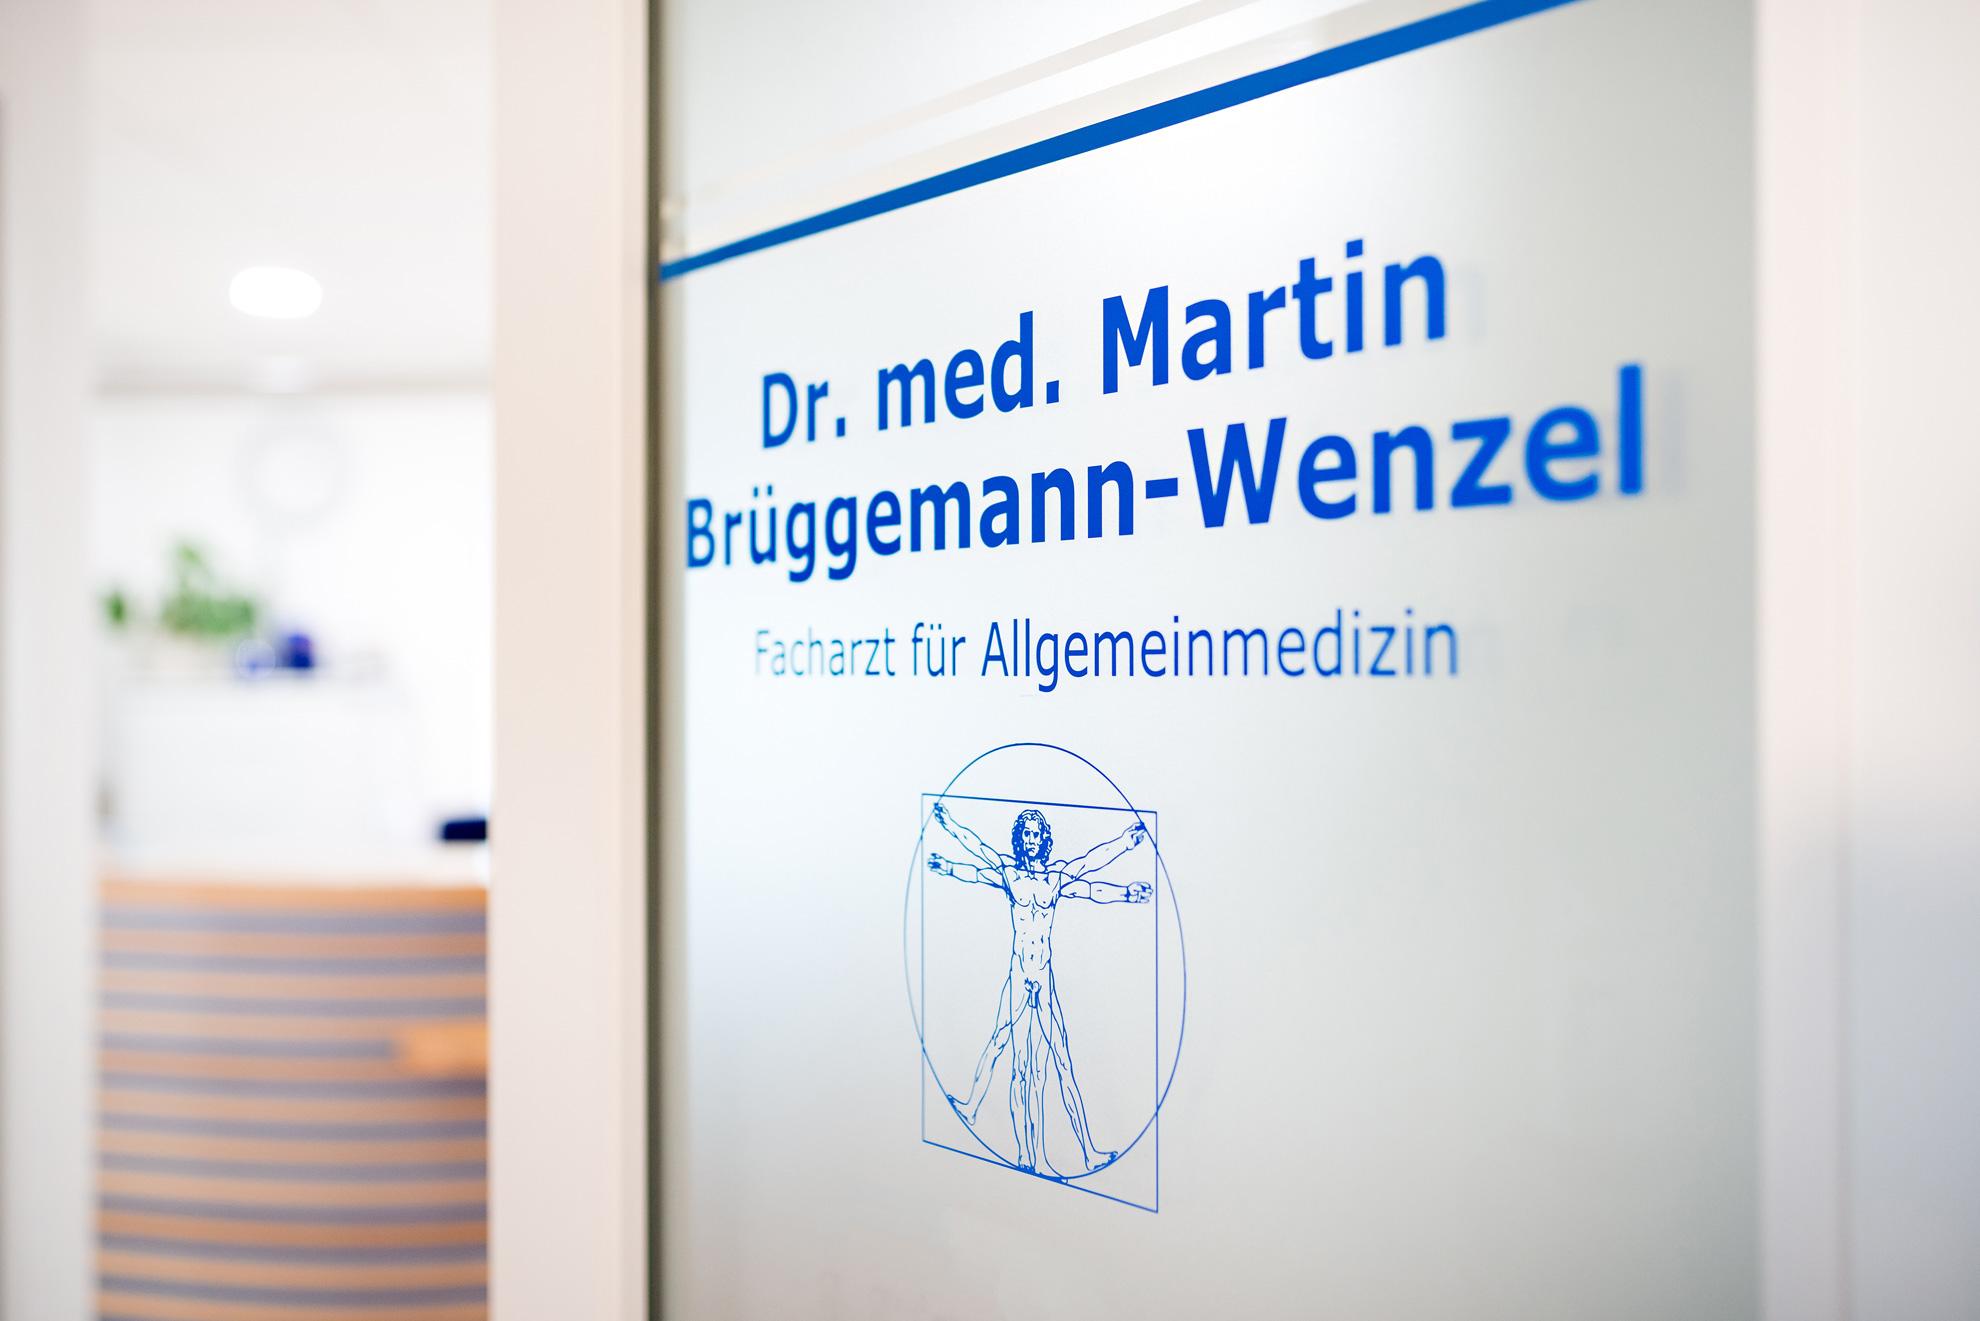 Praxis für Allgemeinmedizin, Dr. Martin Wenzel-Brüggemann, Rudolstadt